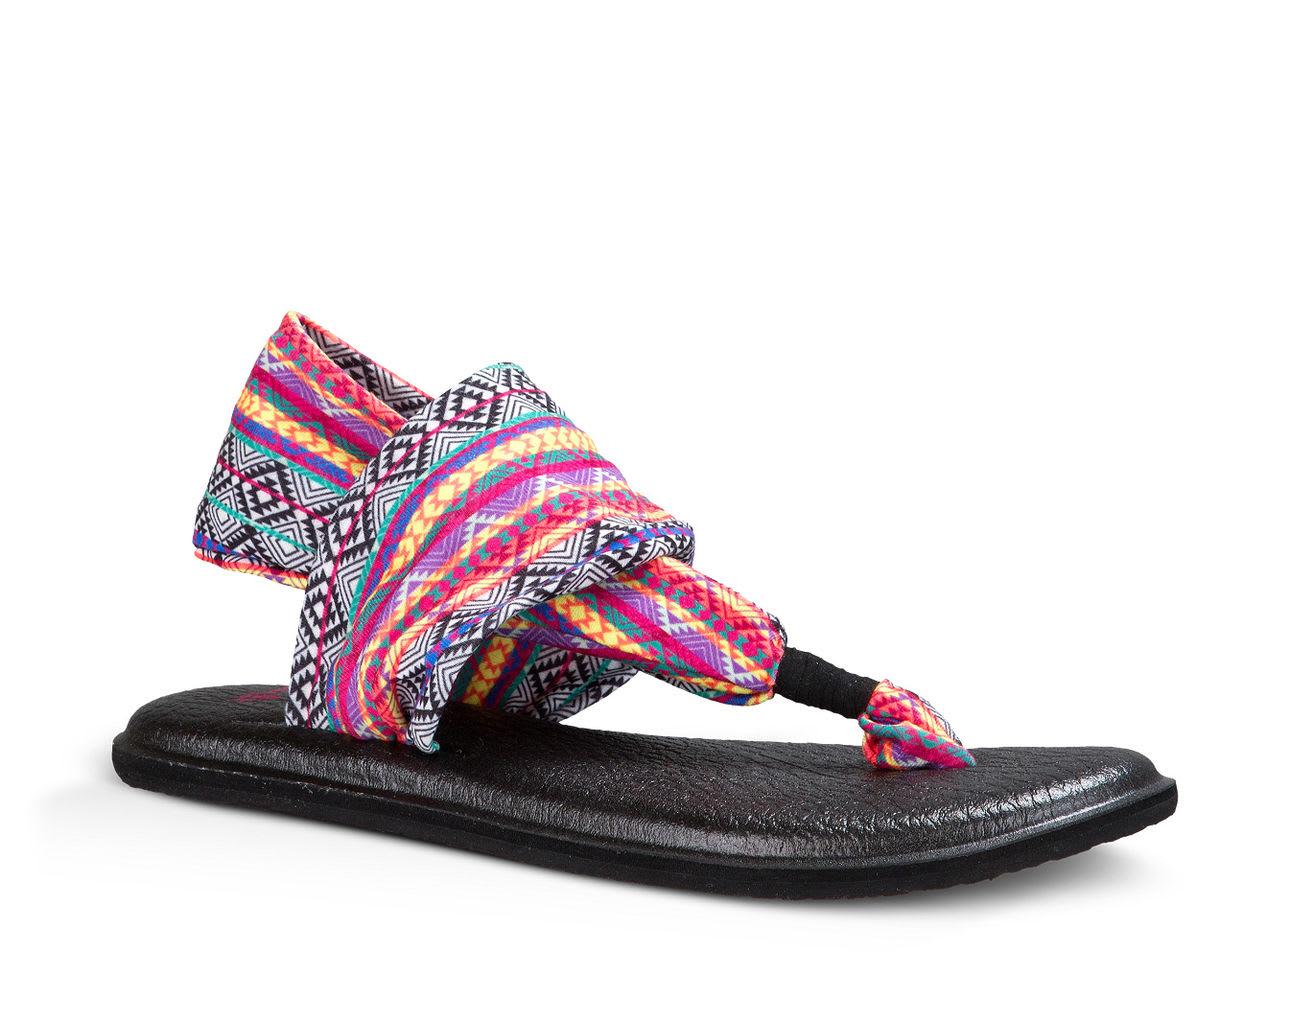 sanuk yoga sling how to wear